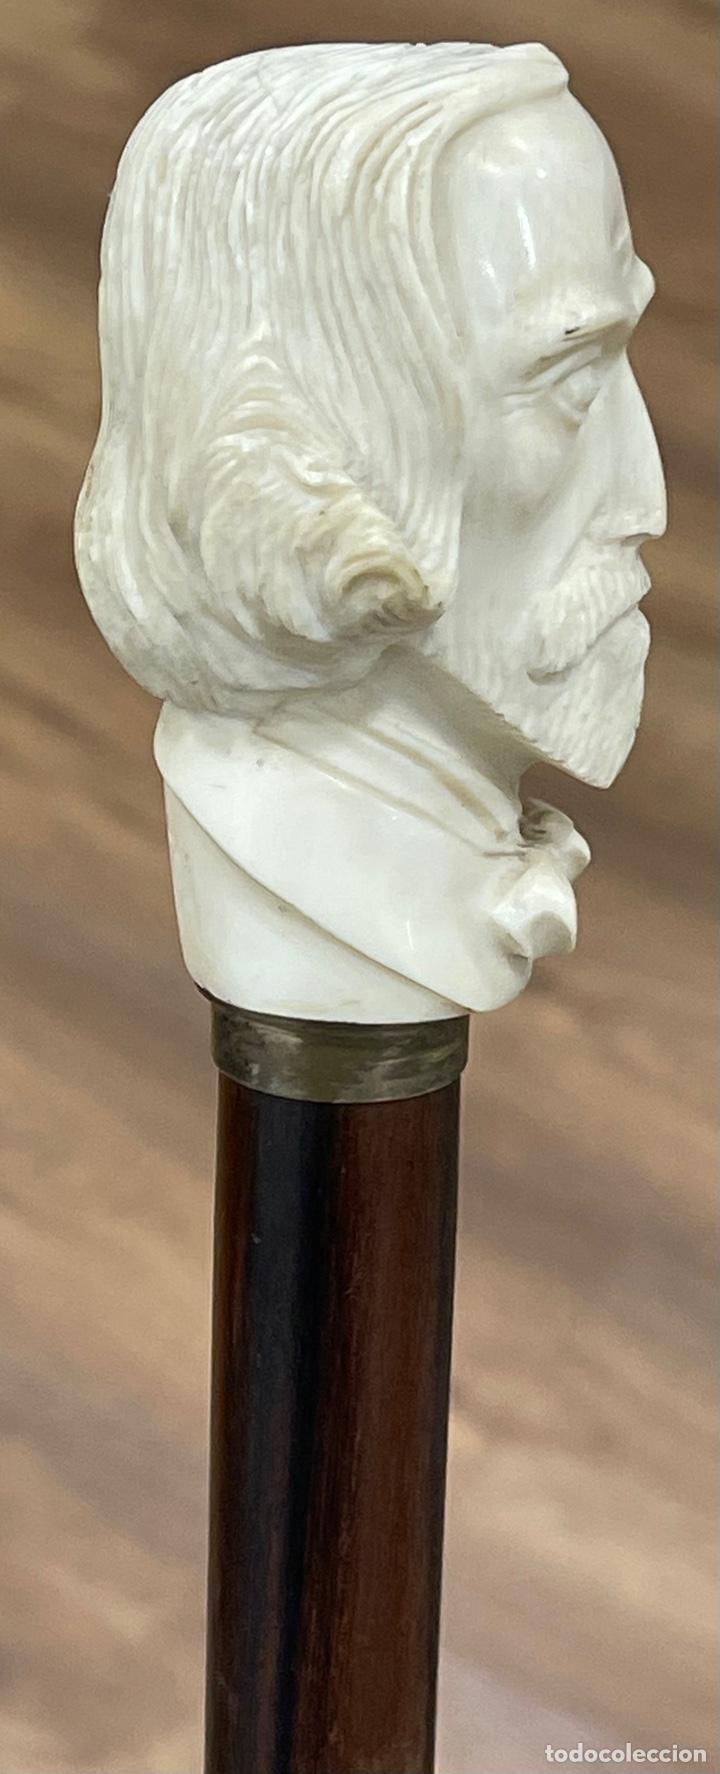 Antigüedades: Bonito bastón, con mango de marfil tallado, y vara en palosanto, o ébano de macassar. - Foto 6 - 255516500